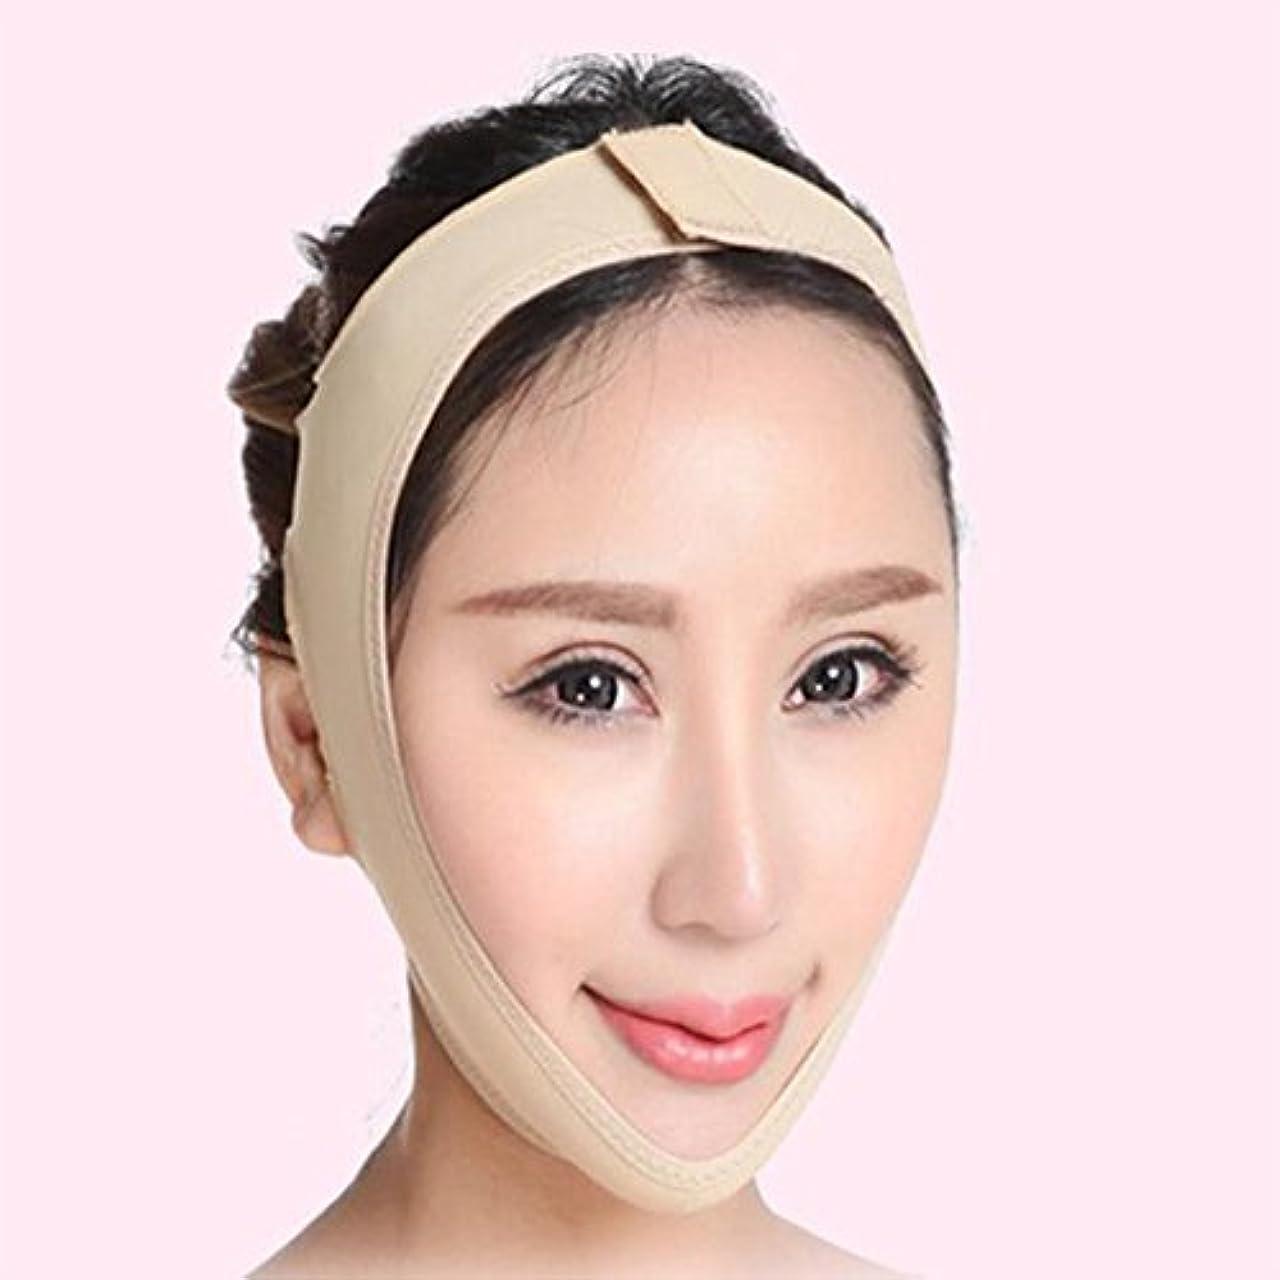 カートン論理的に増強するSD 小顔 小顔マスク リフトアップ マスク フェイスライン 矯正 あご シャープ メンズ レディース XLサイズ AZD15003-XL